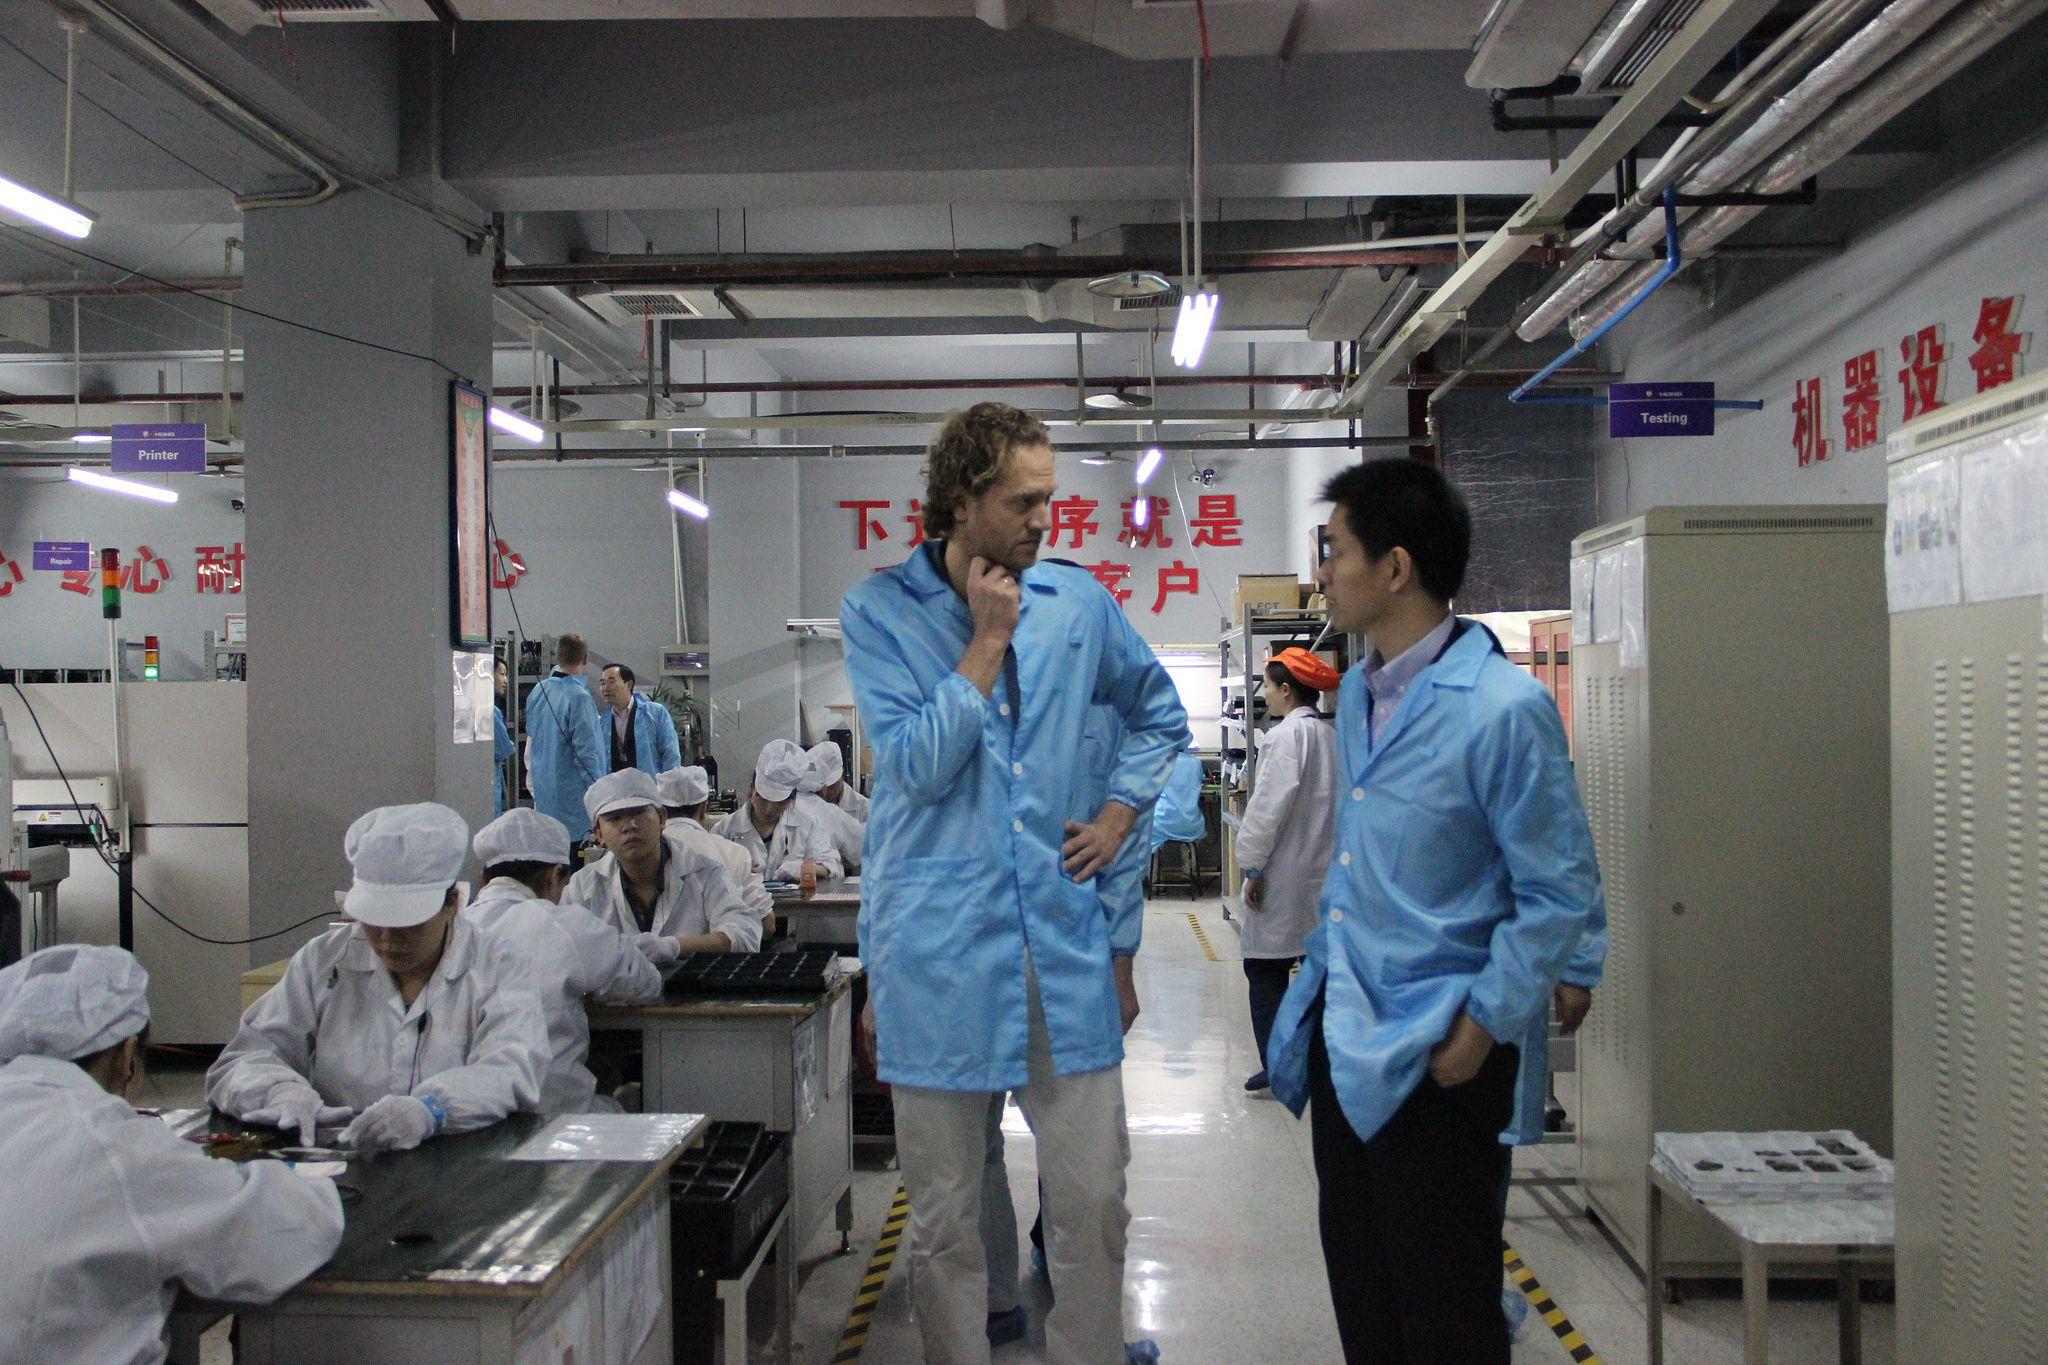 Fairphone besøkte fabrikker i Kina for å finne produsenter som tilfredsstilte kravene deres. De endte opp med å velge A'Hong, en produsent med fabrikker i Shenzhen og Chongquing.Foto: Fairphone